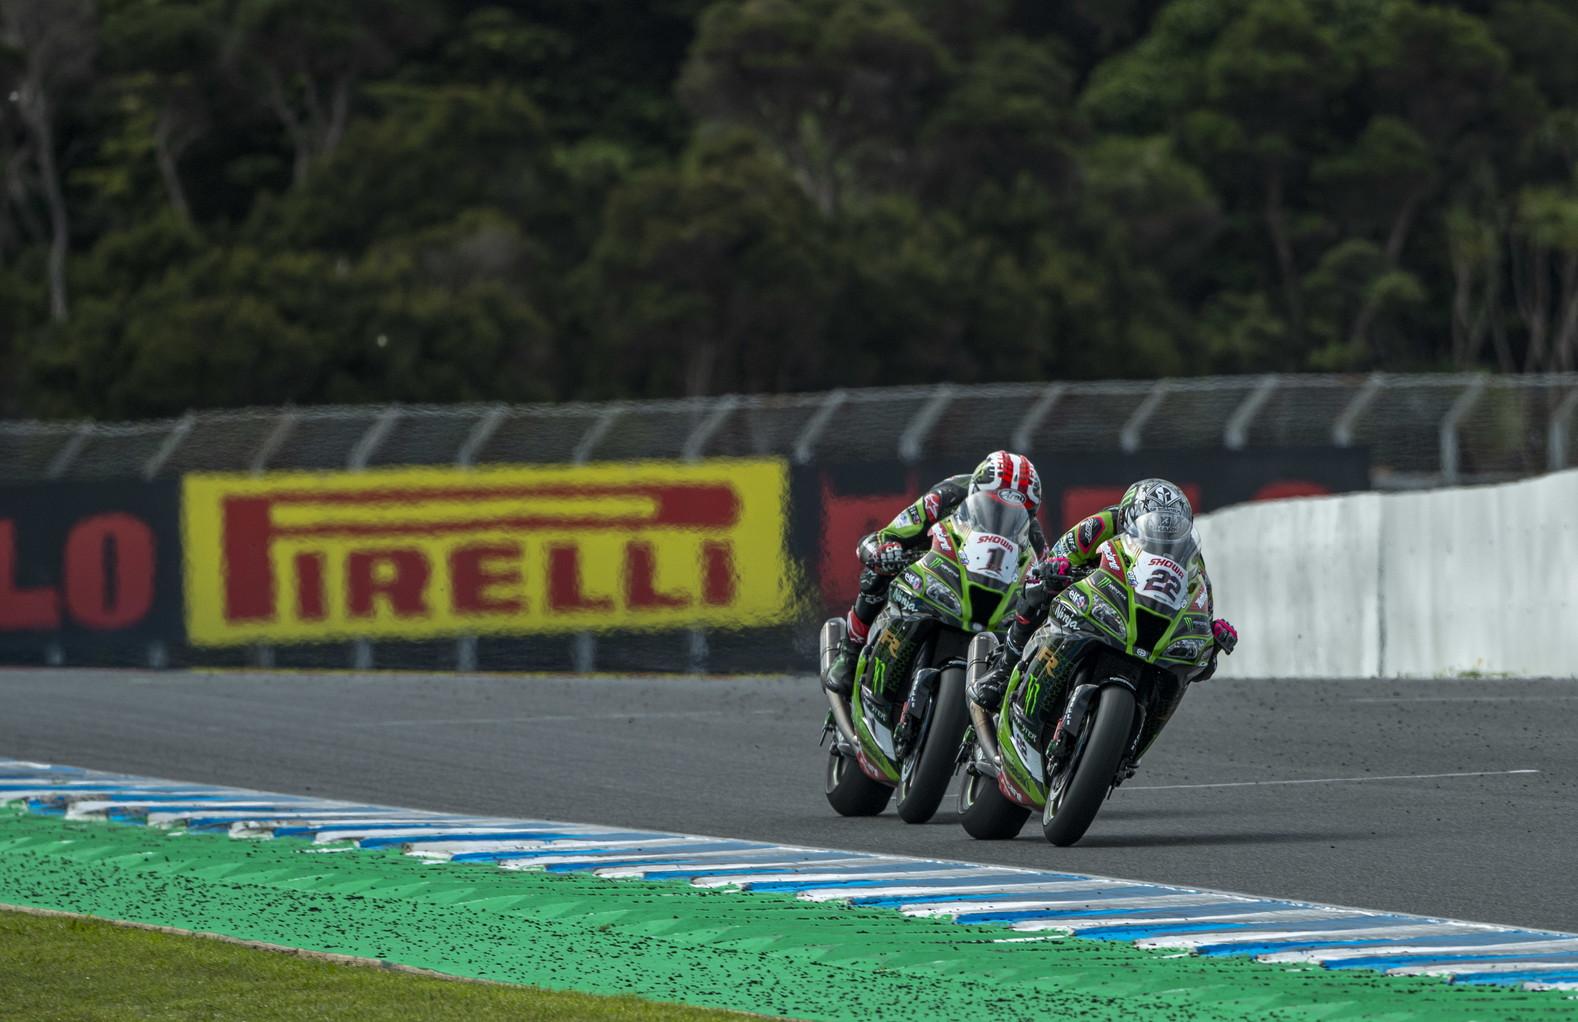 Lowes e Rea grandi protagonisti in Australia&nbsp;nella superpole race e nella gara-2 del Mondiale Superbike.<br /><br />